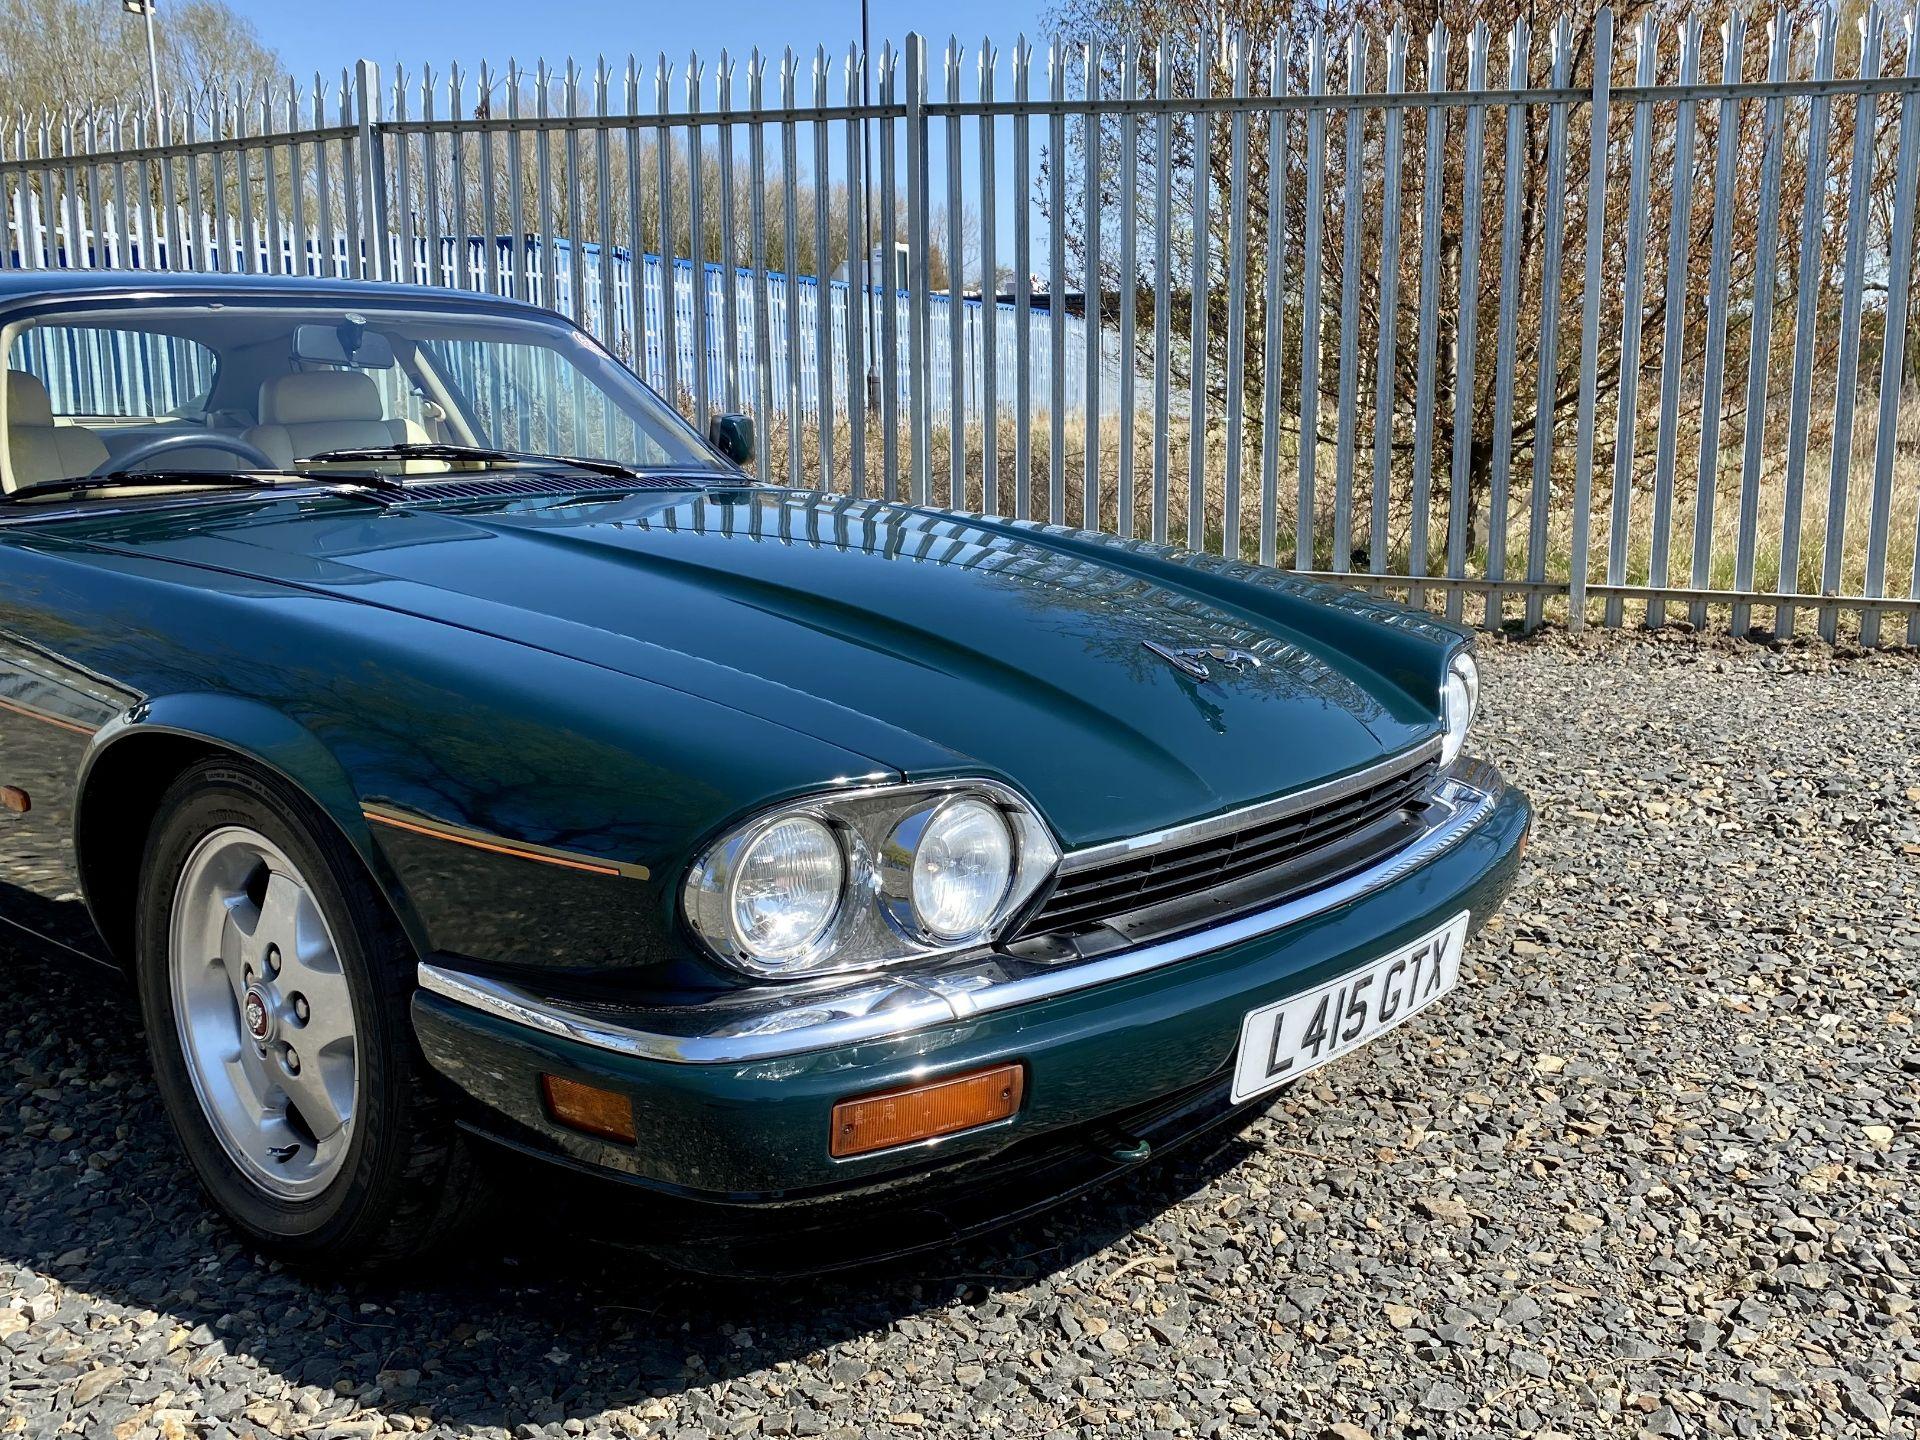 Jaguar XJS coupe - Image 28 of 64